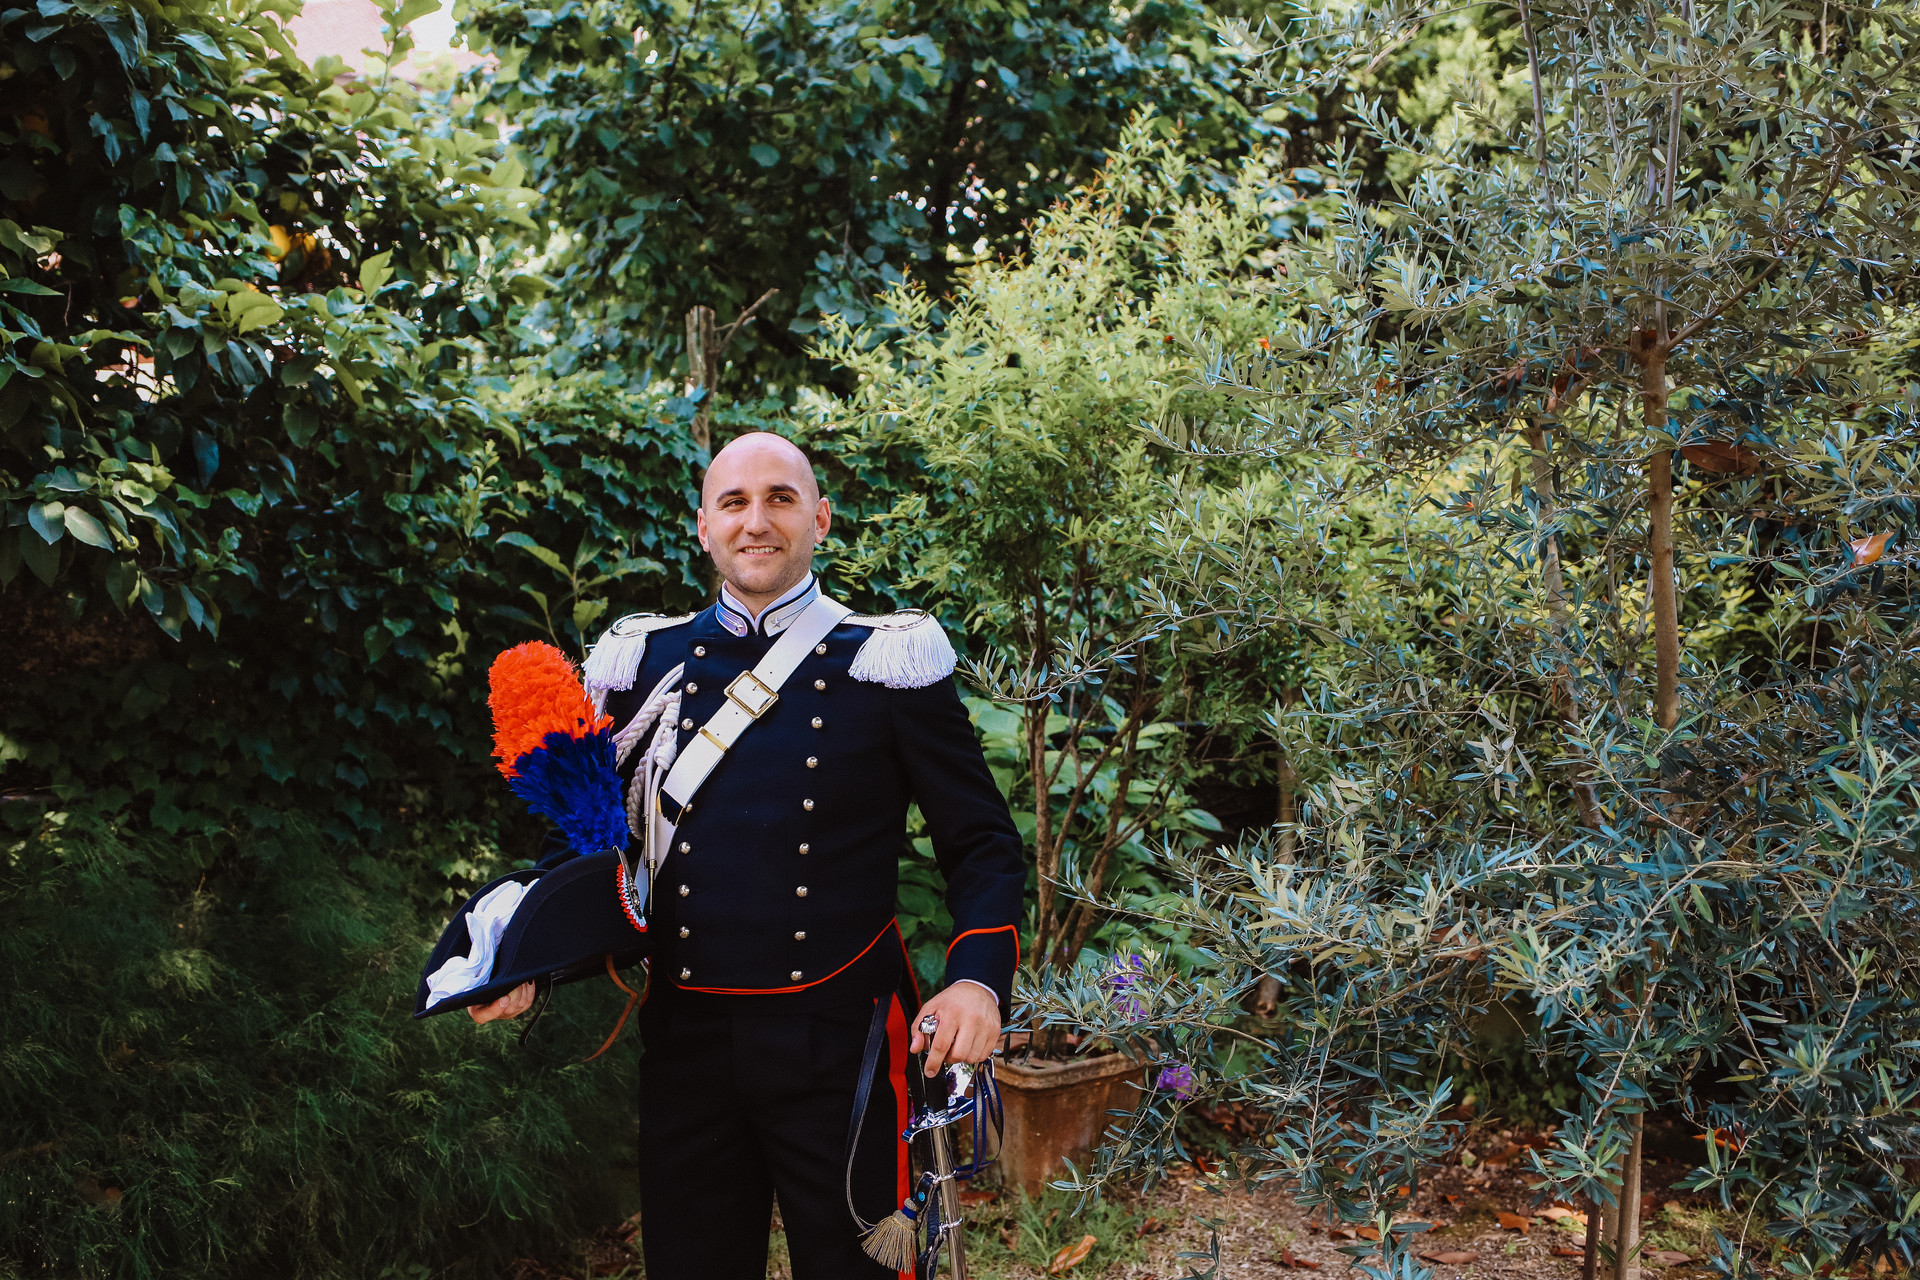 Uniforme Carabinieri